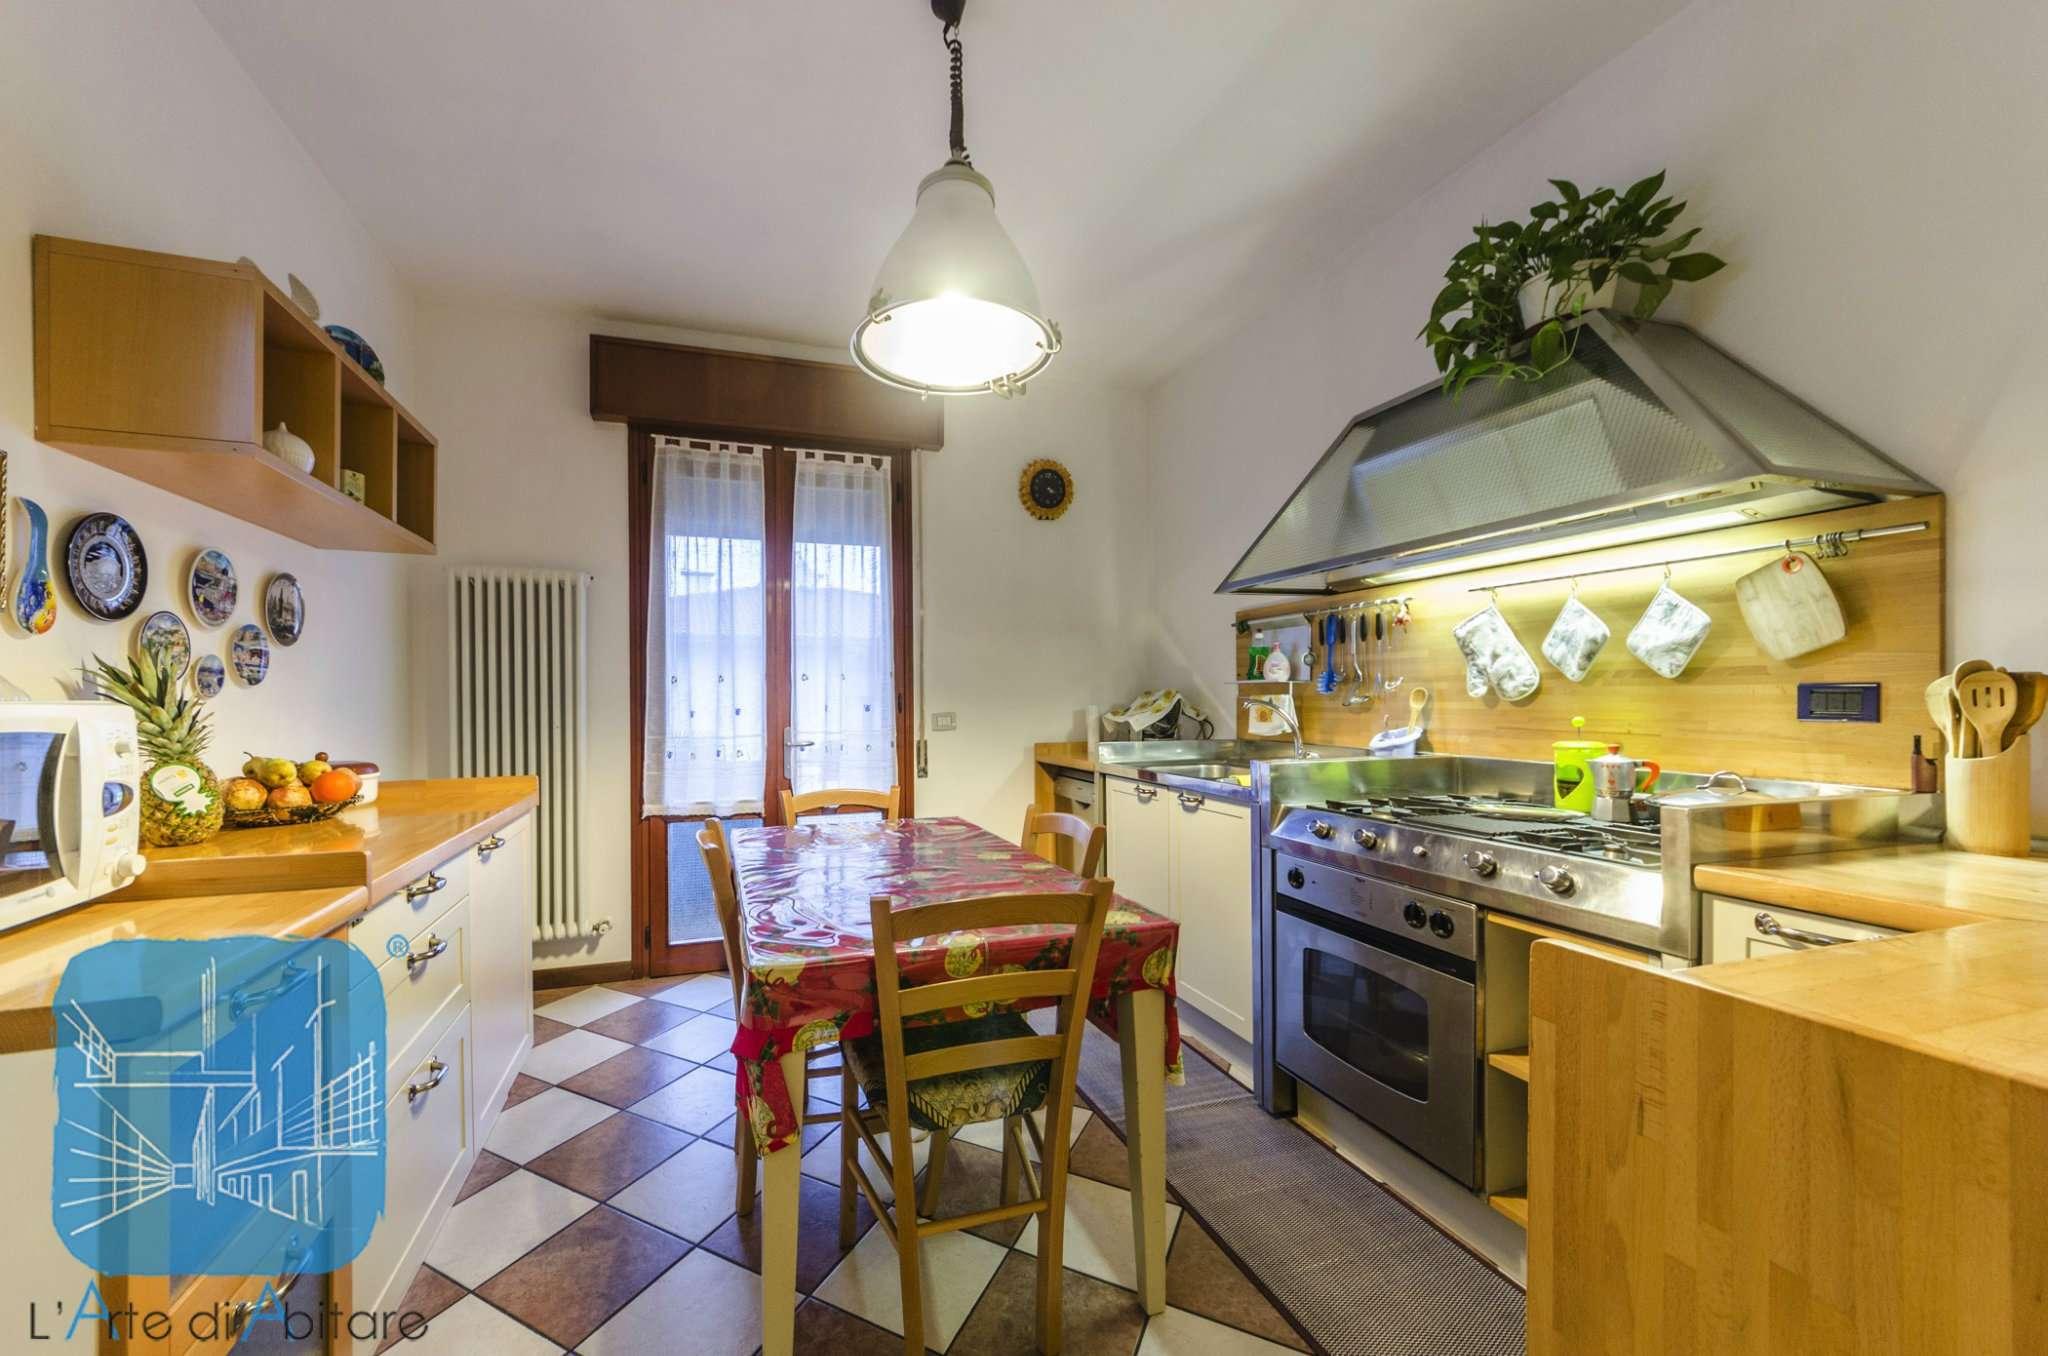 Appartamento in vendita a Piove di Sacco, 6 locali, prezzo € 130.000 | Cambio Casa.it